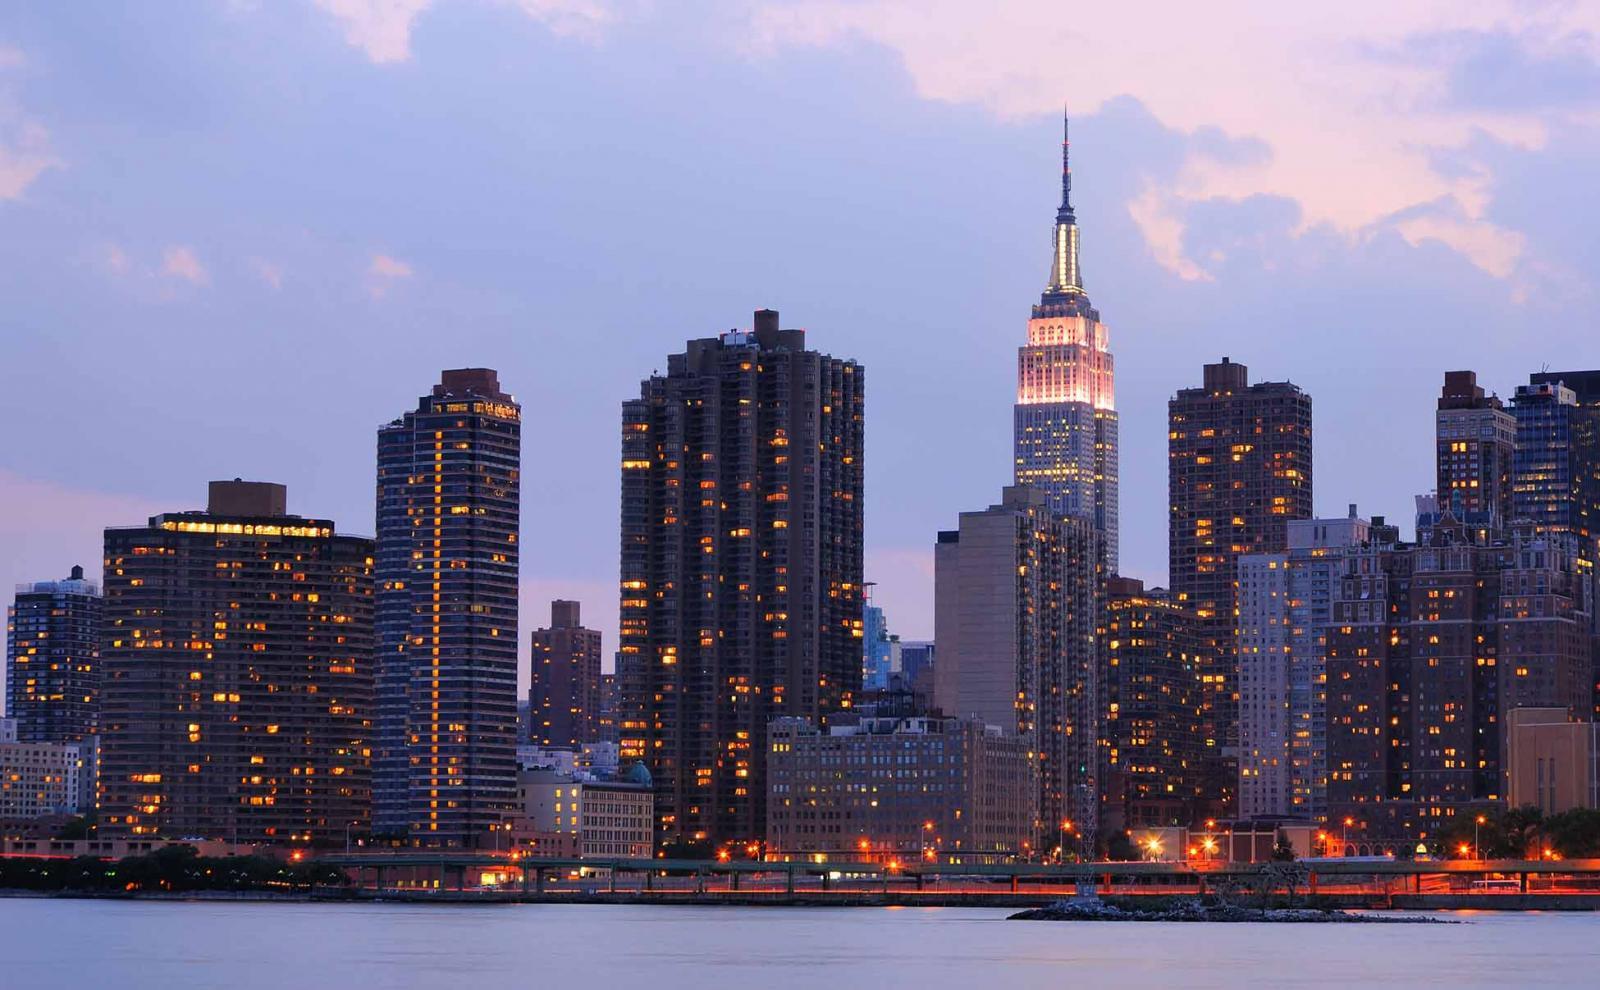 Visita el Empire State con el New York City Pass